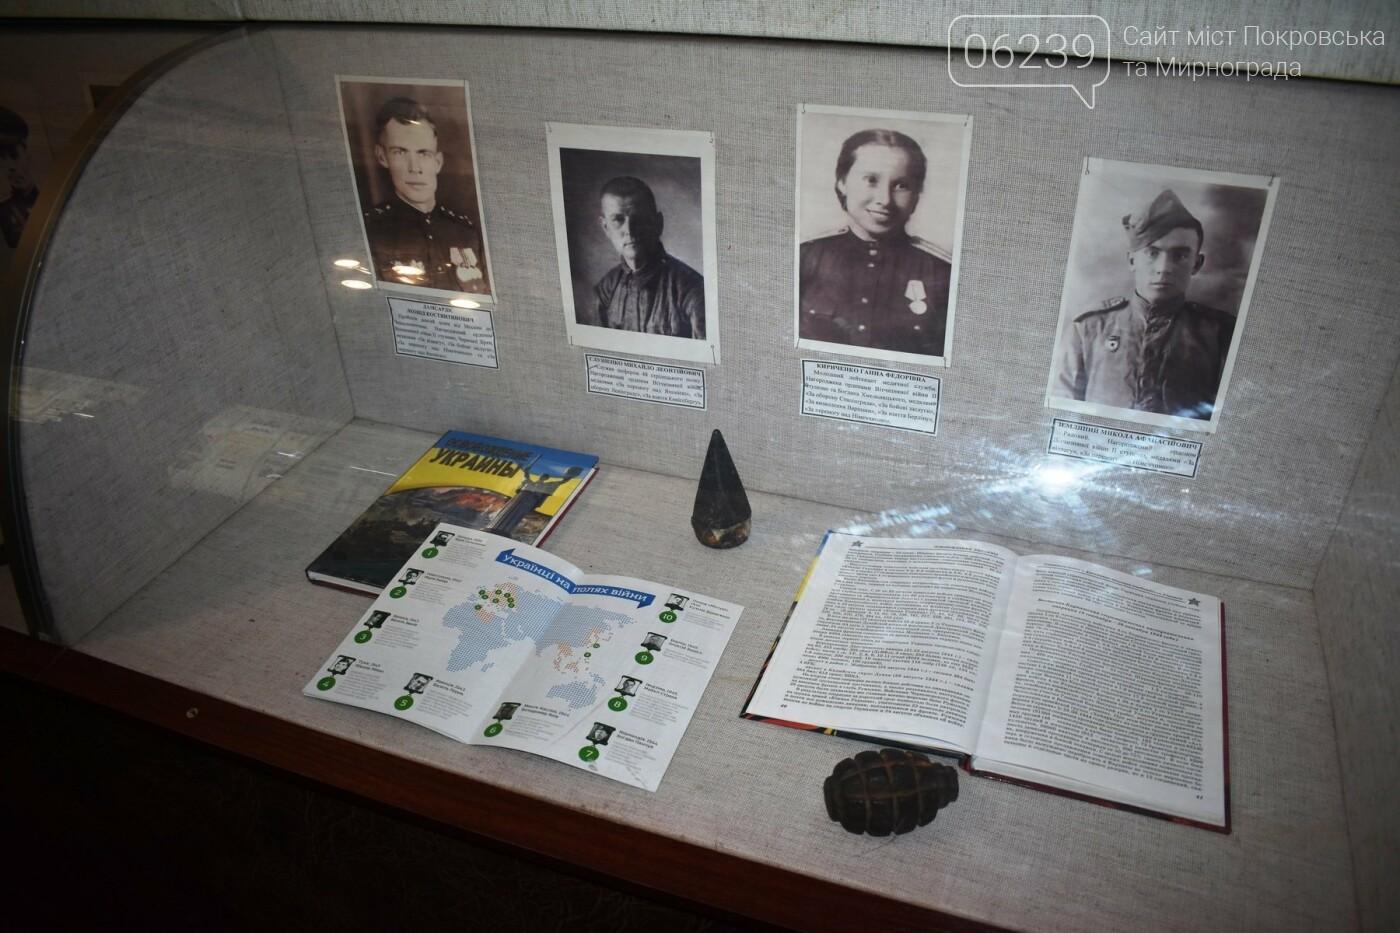 У музеї Покровська відкрита виставка «Обличчя Героїв», присвячена 74-й річниці визволення України від нацистських окупантів, фото-3